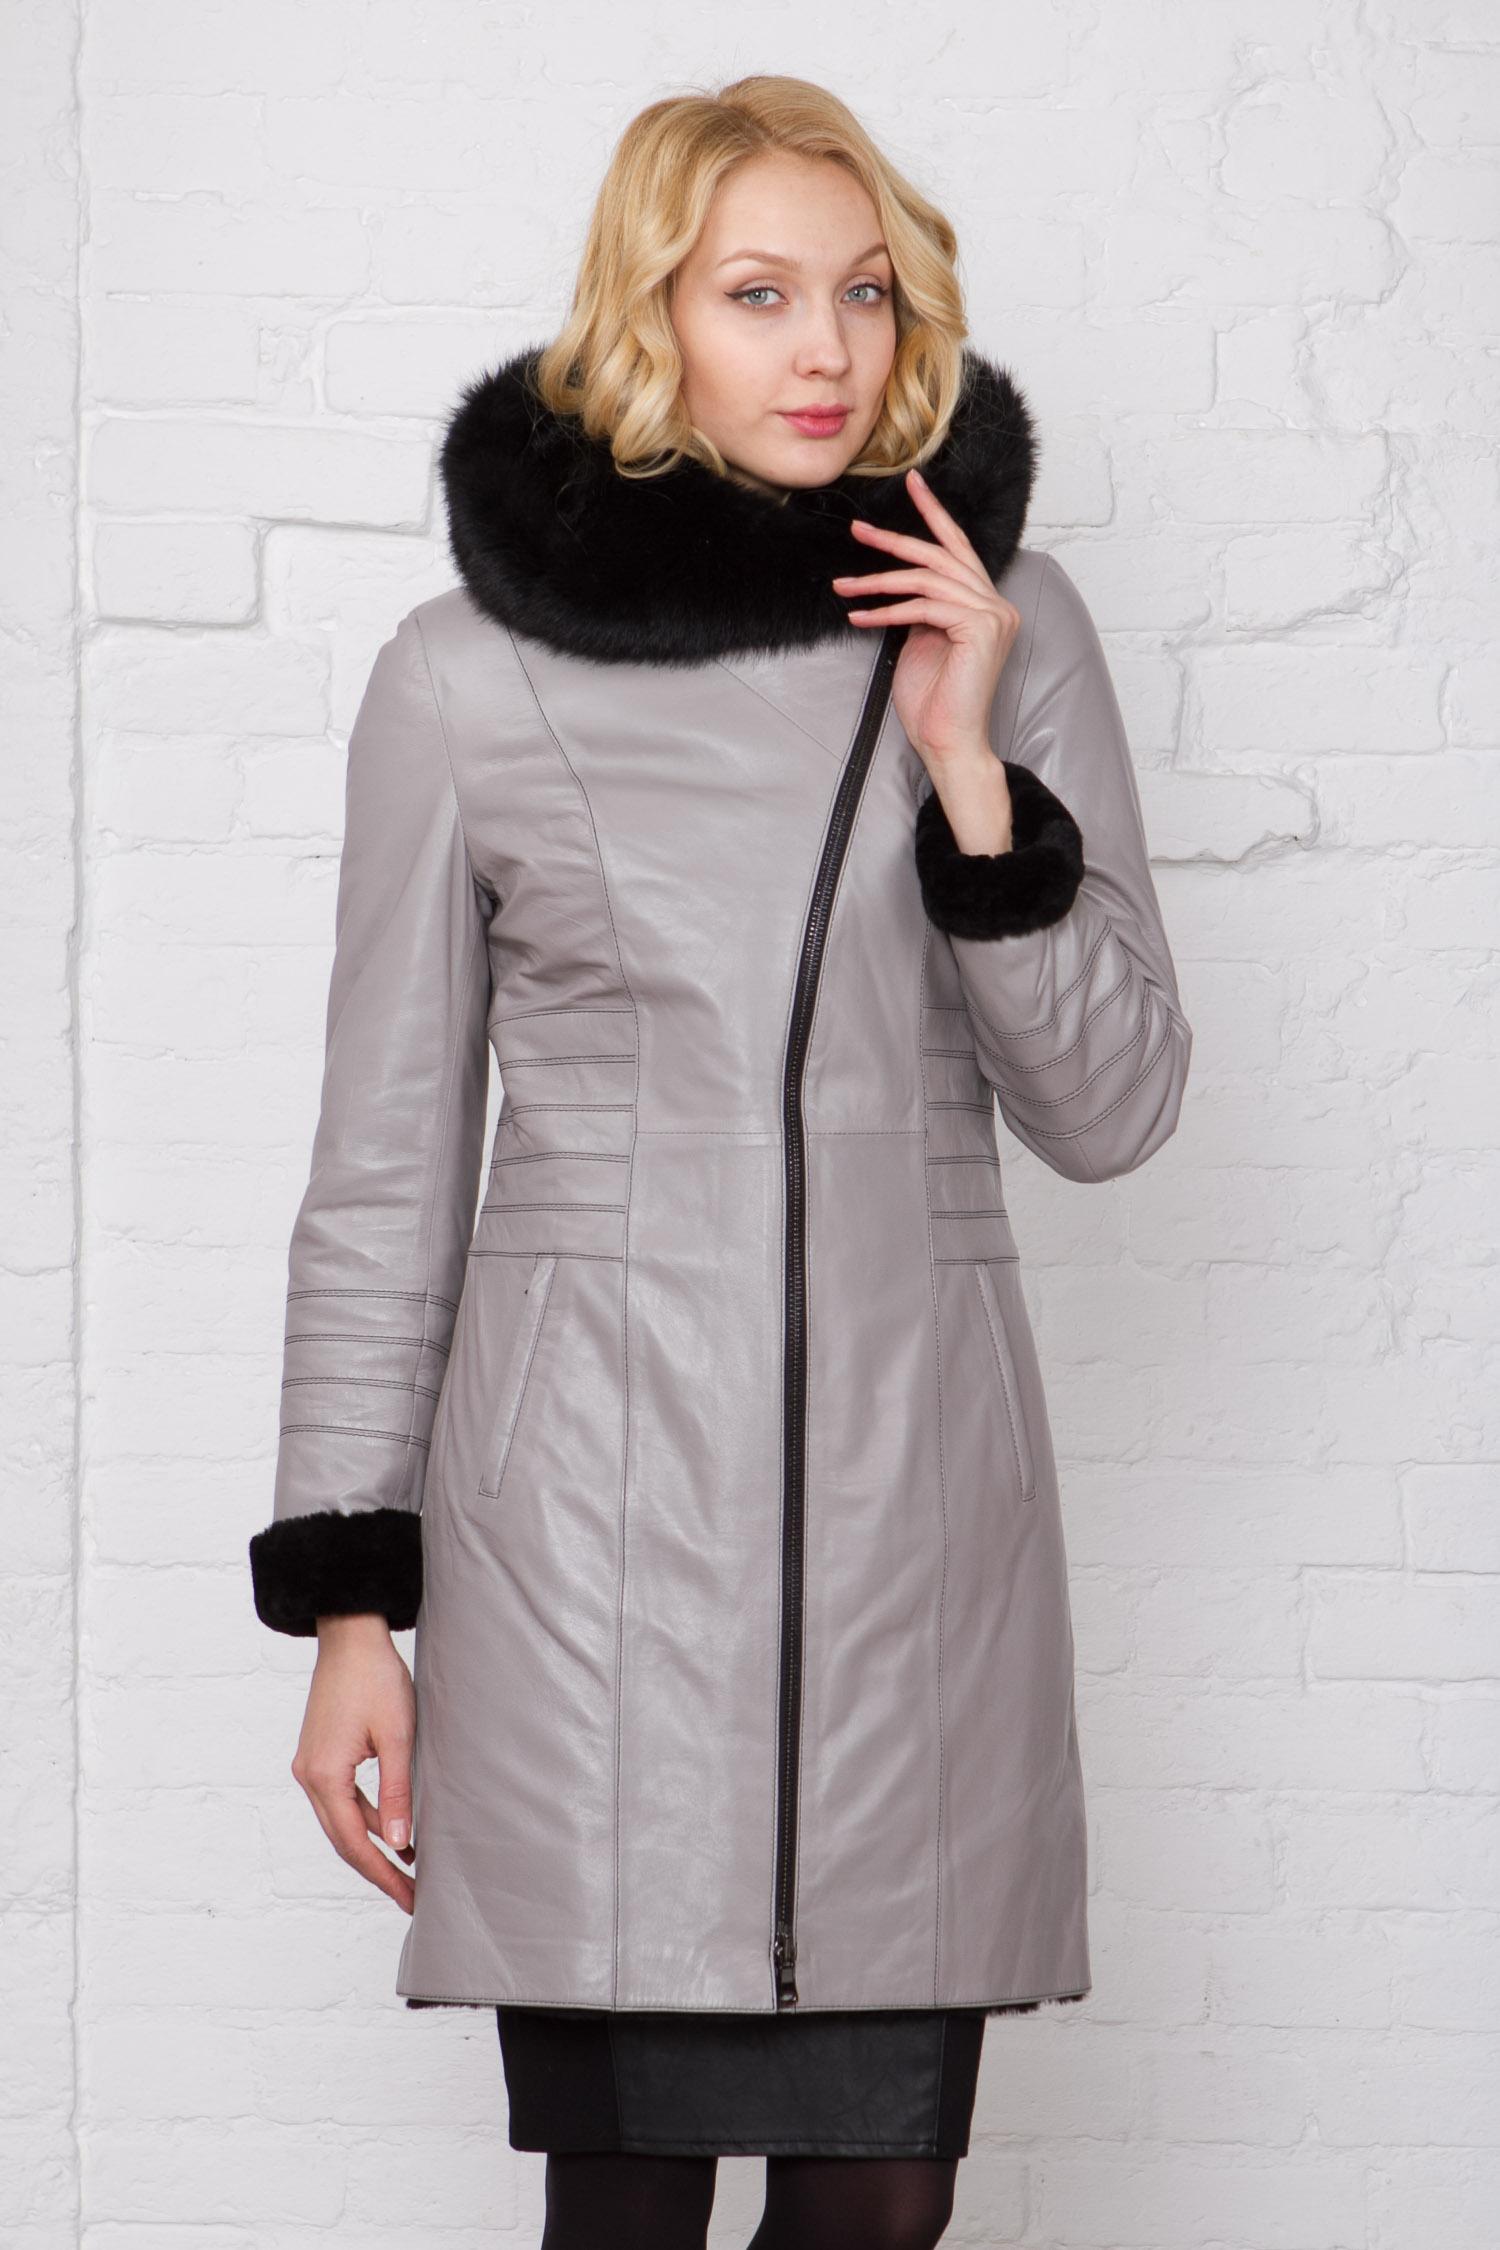 Женская кожаная куртка из натуральной овчины на меху с капюшоном, отделка тоскана<br><br>Воротник: капюшон<br>Длина см: Короткая (51-74 )<br>Материал: Кожа овчина<br>Цвет: серый<br>Вид застежки: косая<br>Застежка: на молнии<br>Пол: Женский<br>Размер RU: 54